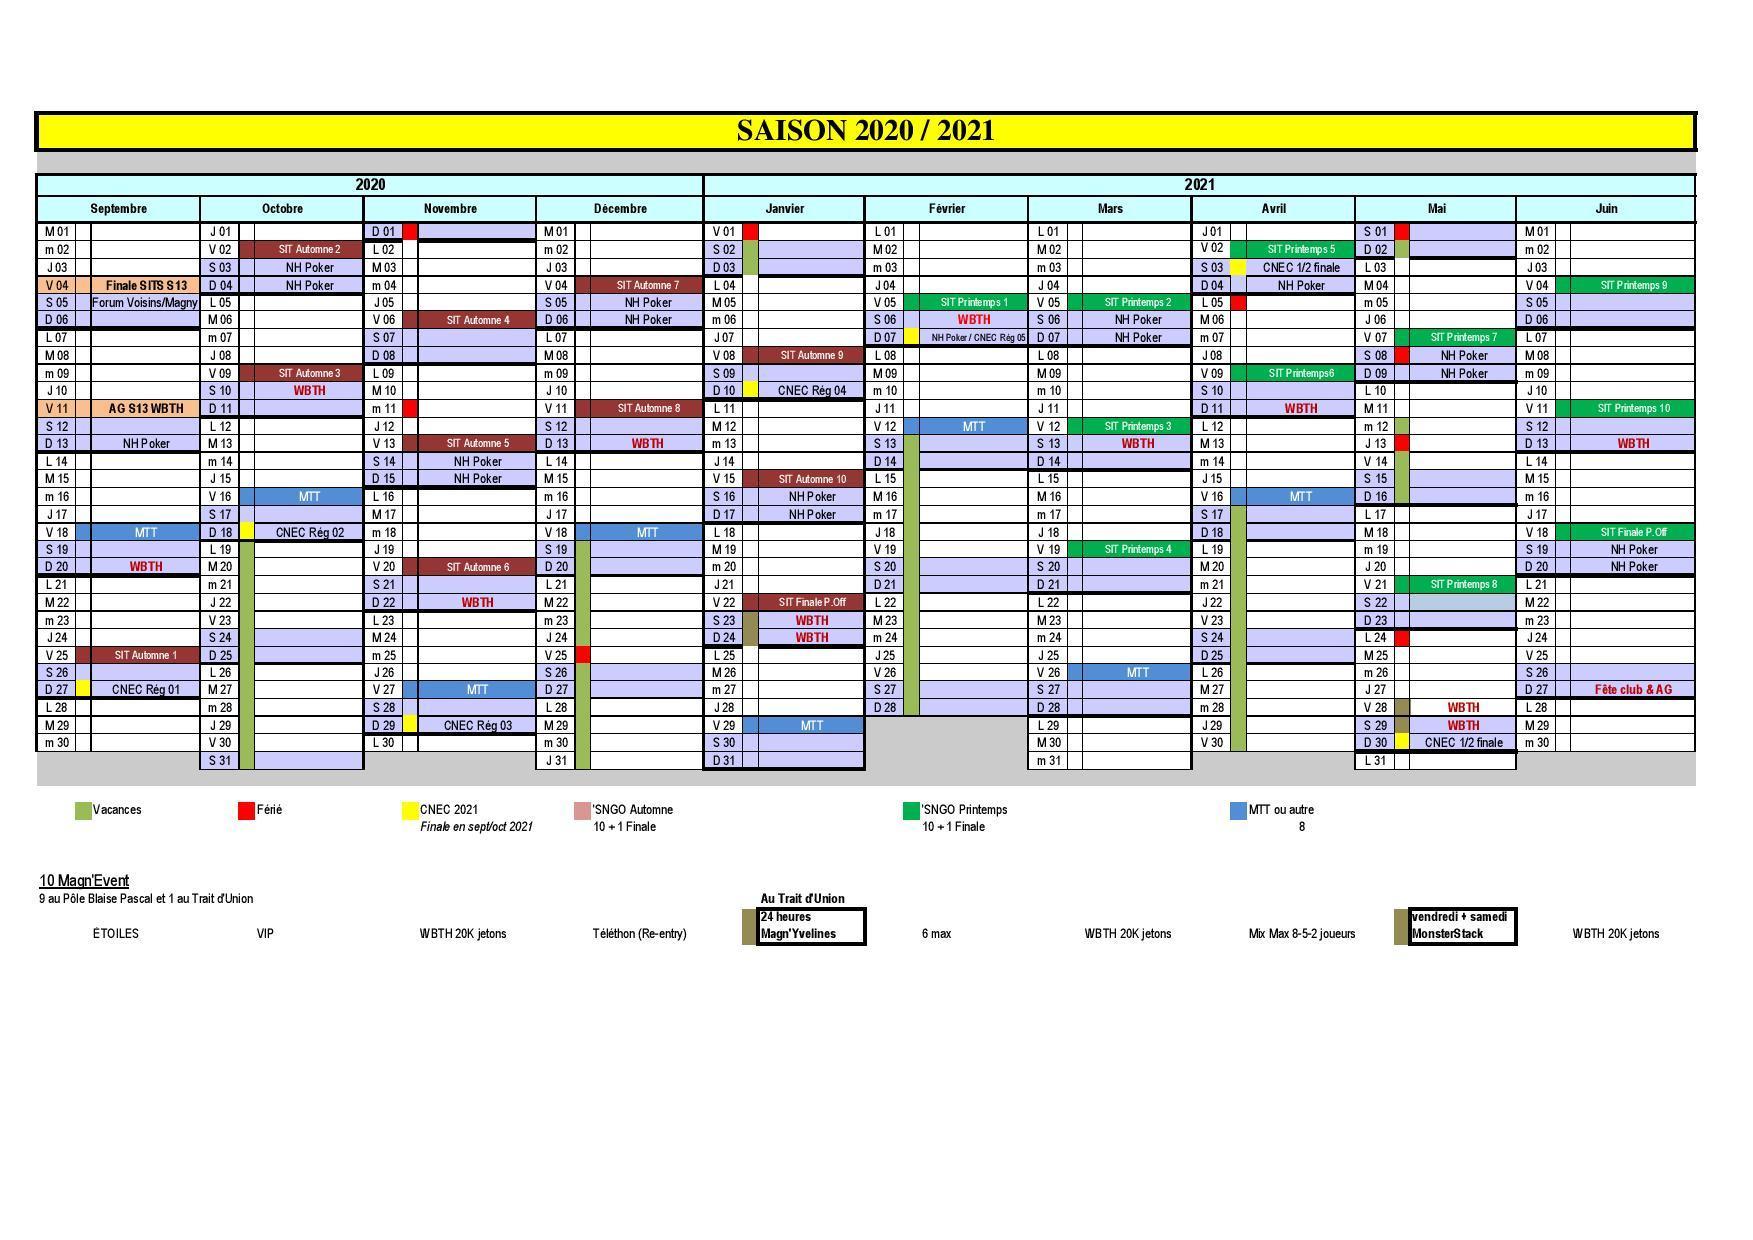 Calendrier saison 2020 2021 wbth rev 18 juillet 2020 page 001